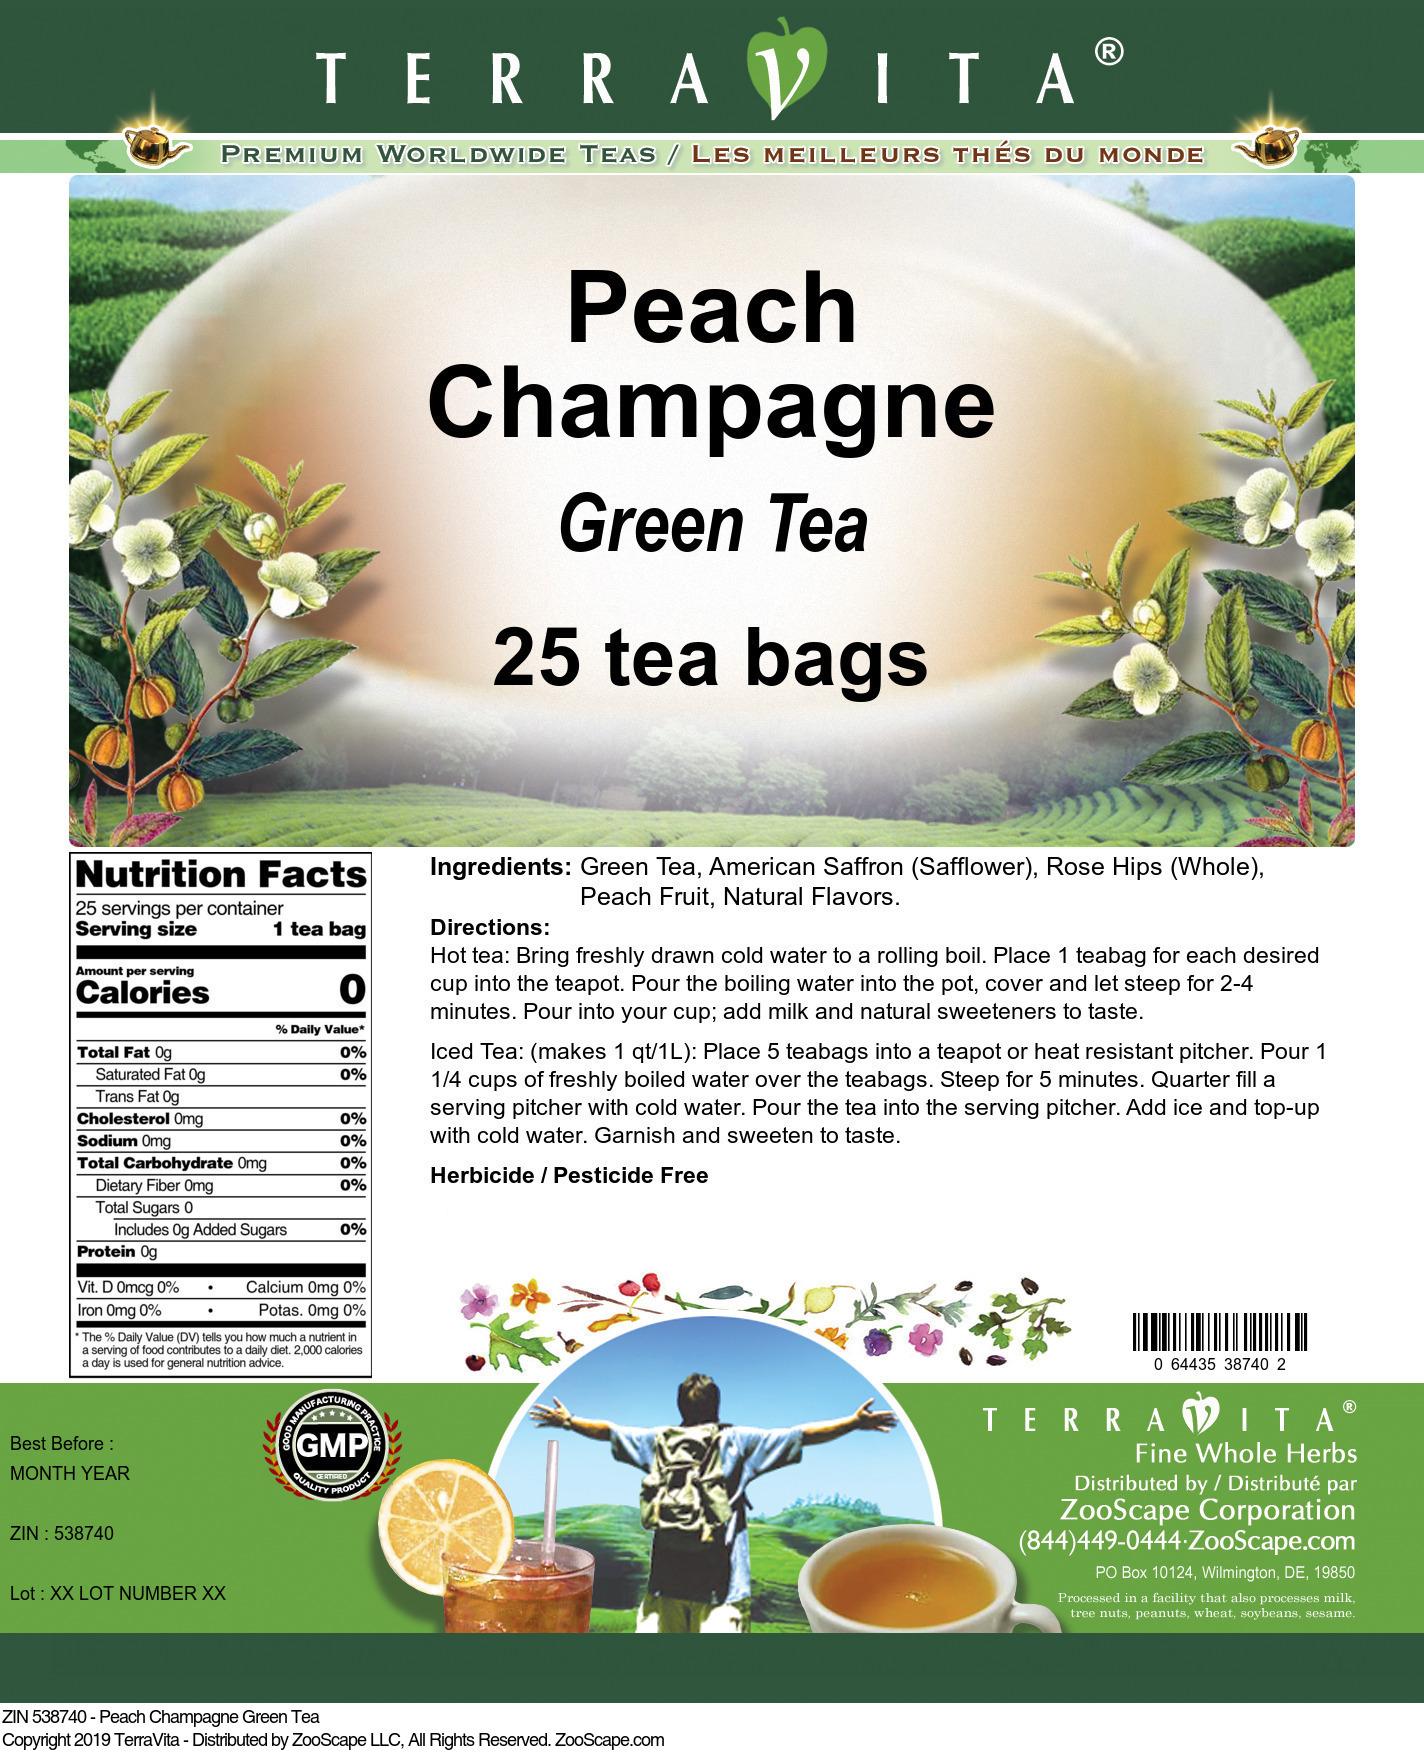 Peach Champagne Green Tea